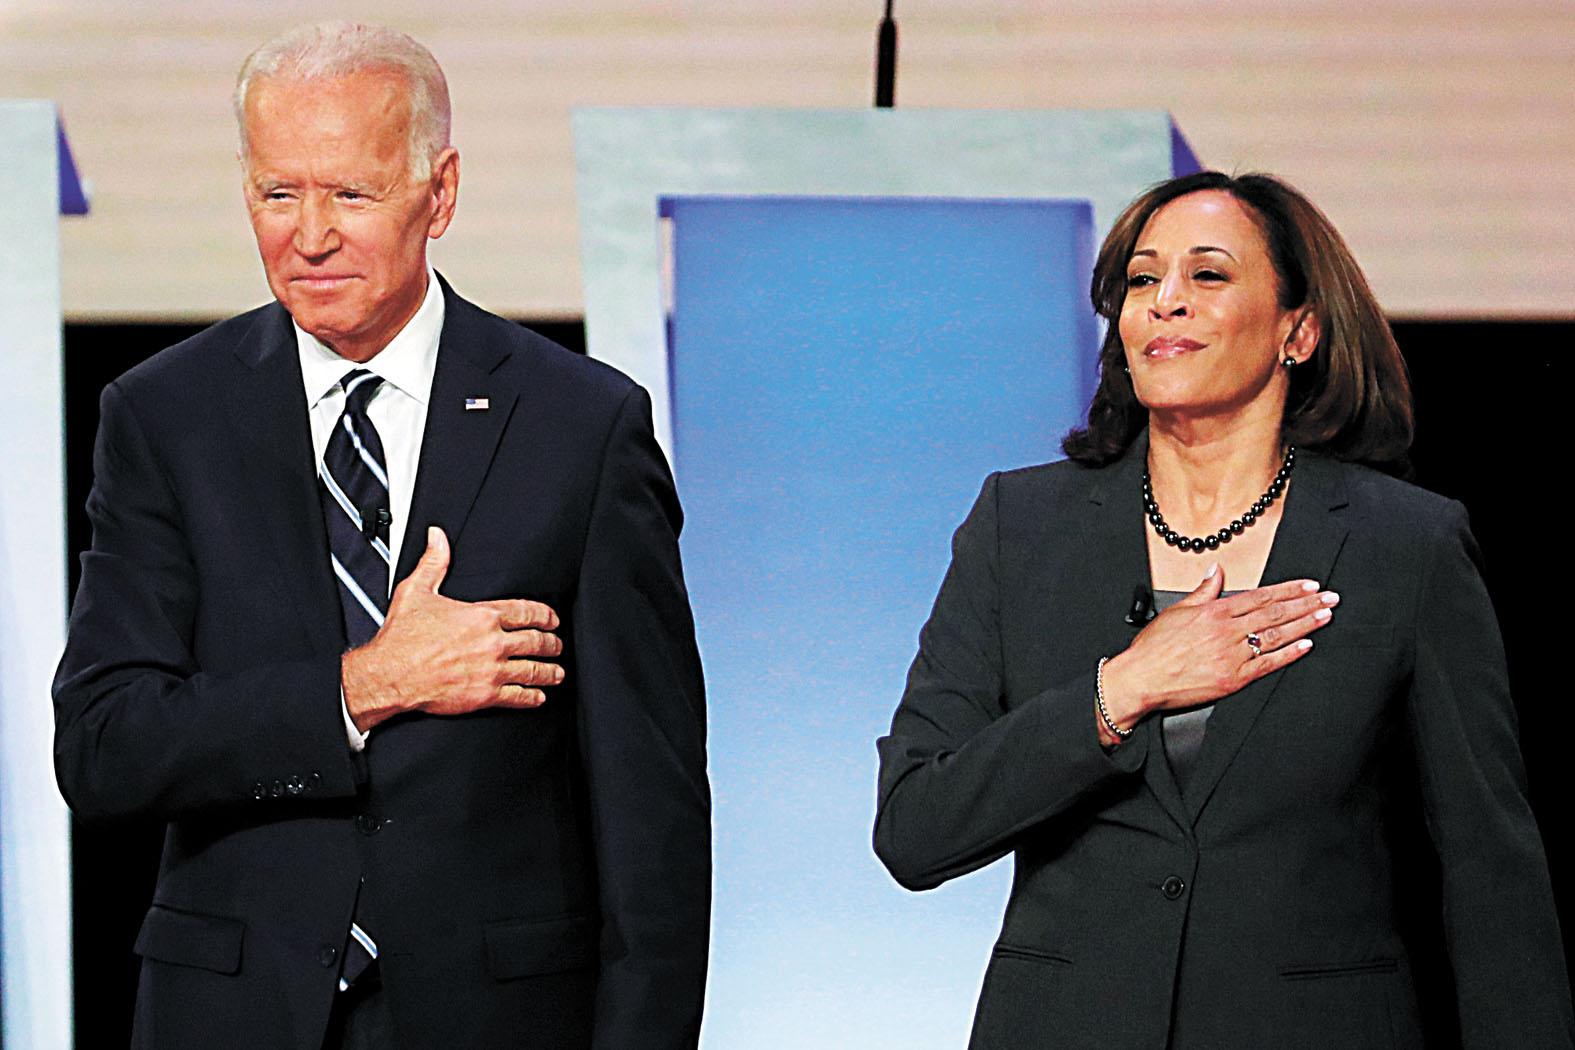 美國民主黨總統大選提名人拜登(左)11日宣布,挑選加州聯邦參議員賀錦麗(右)擔任他的競選搭檔。路透社資料圖片